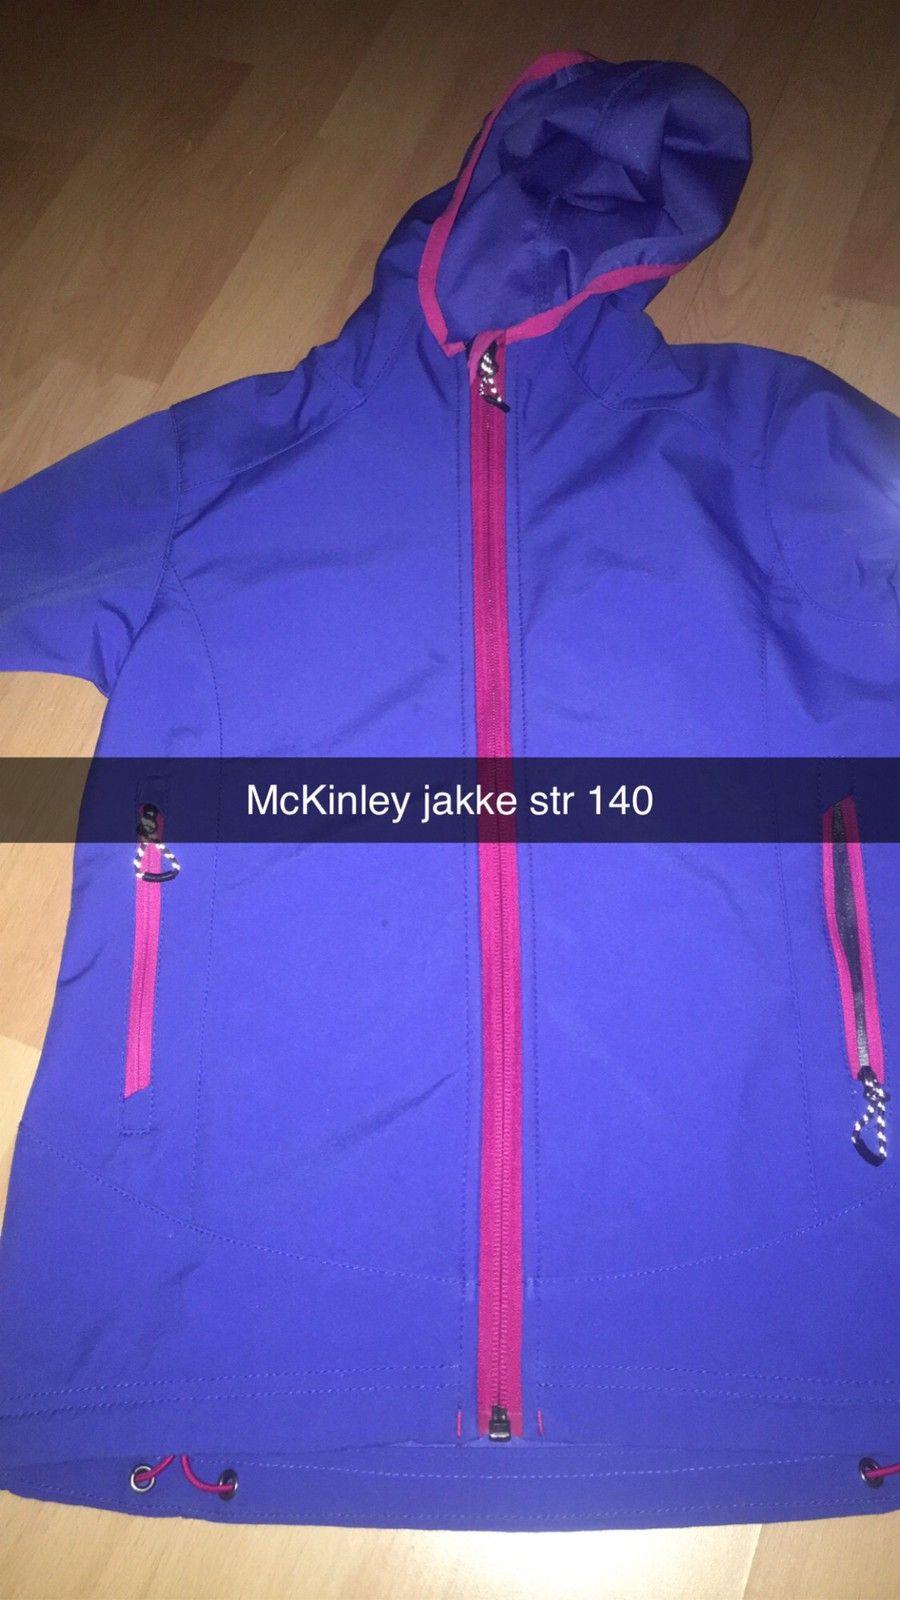 NY McKinley jakke for dame | FINN.no